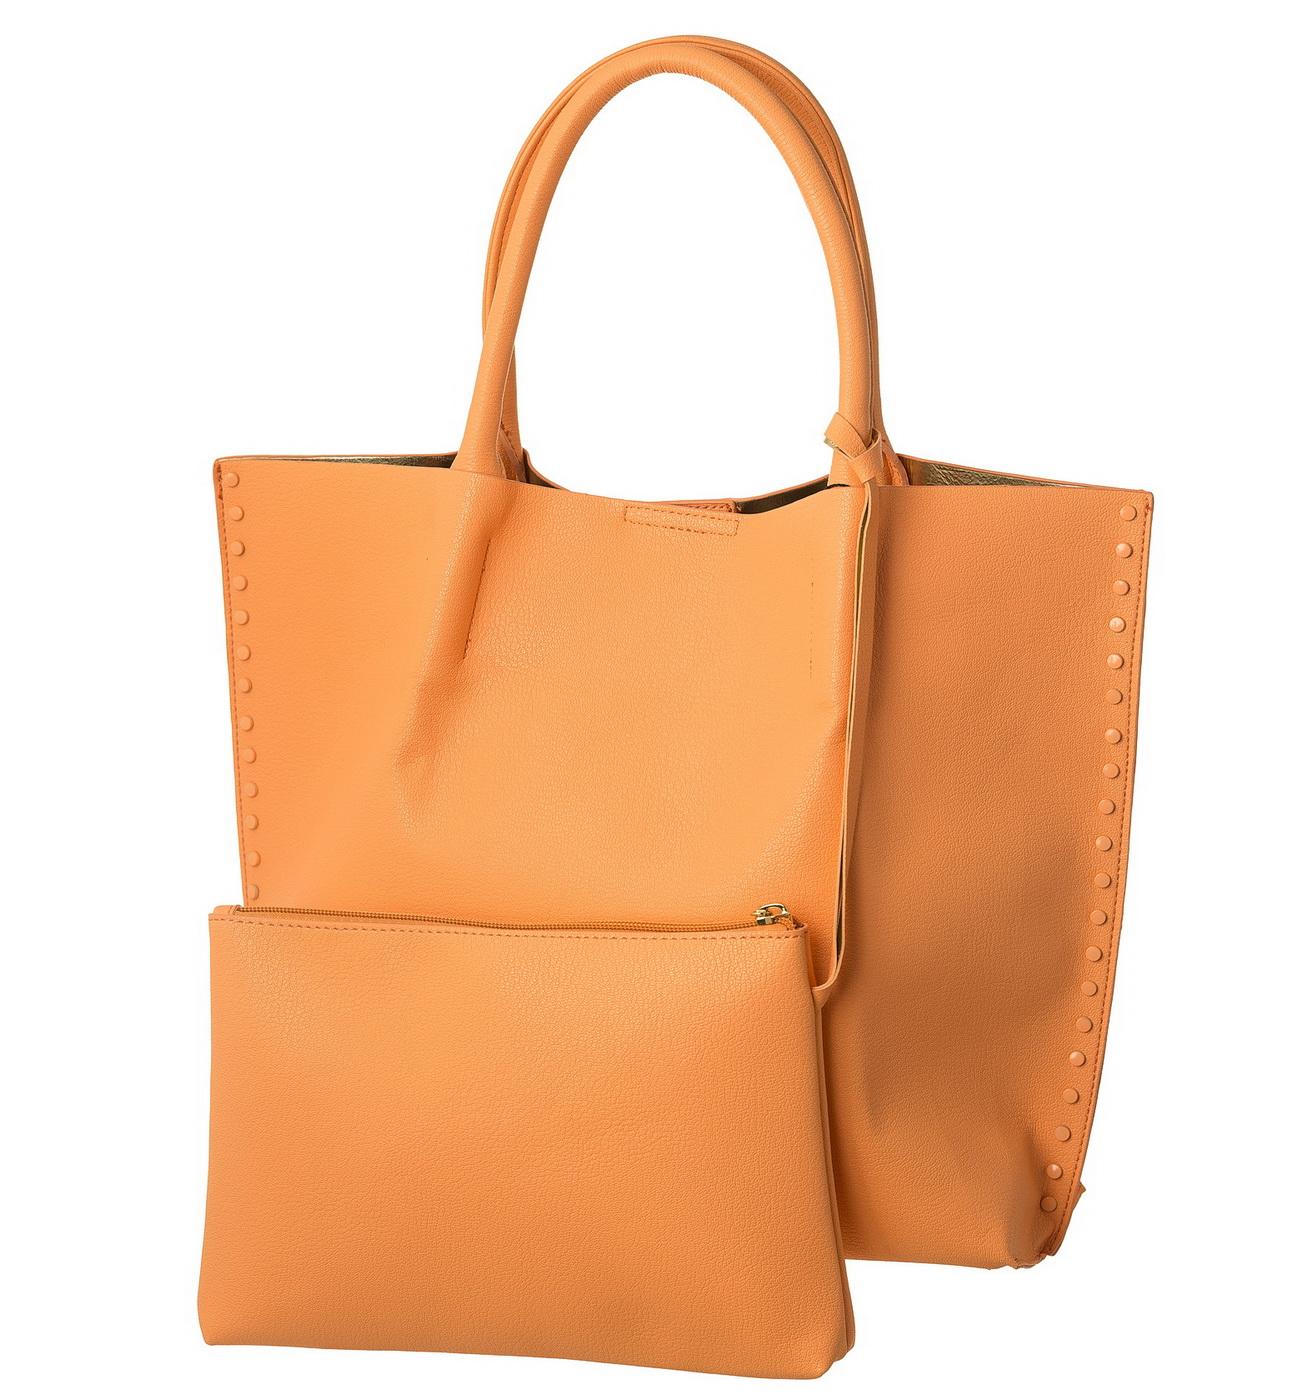 Яркие, красивые и просто необыкновенные женские, молодежные сумки, рюкзаки, мужские, дорожные сумки, а также чехлы для чемоданов